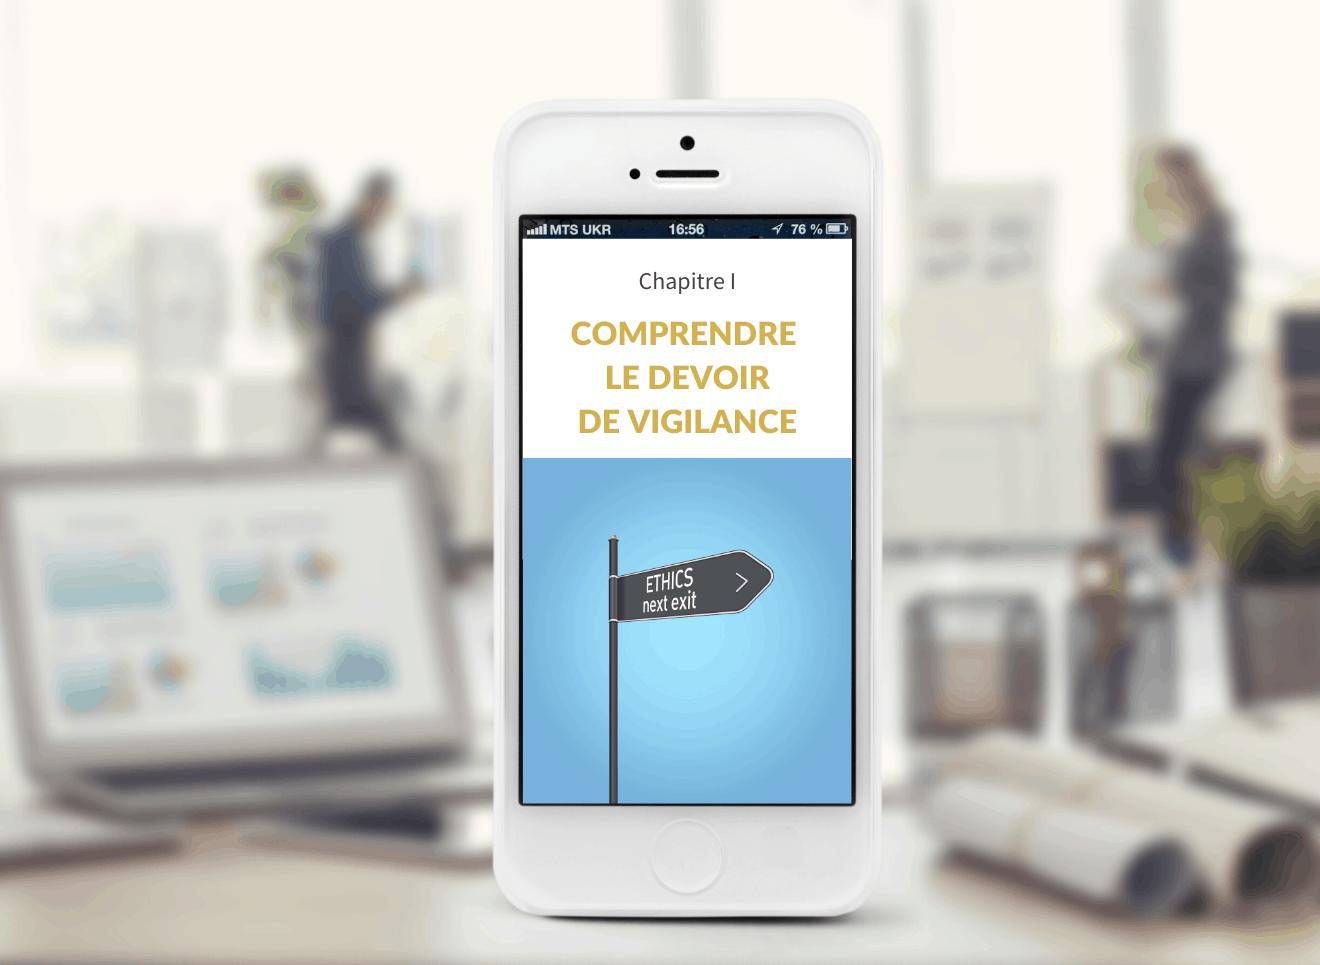 E-learning devoir de vigilance